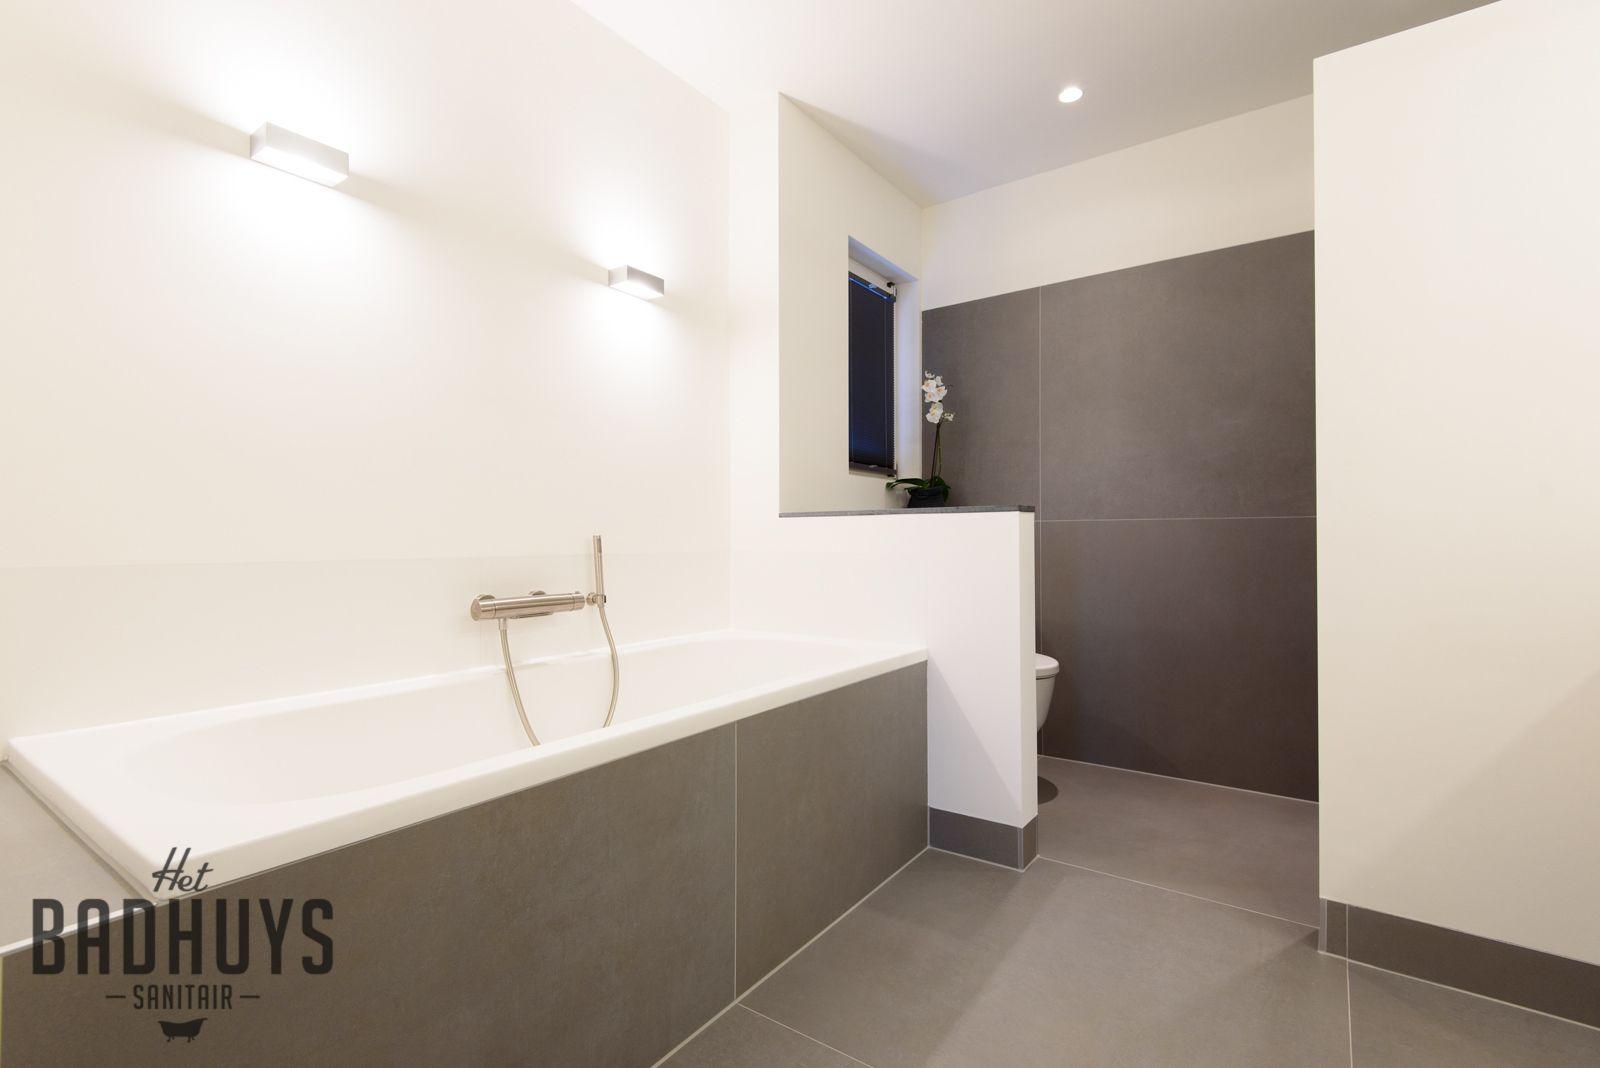 Moderne Badkamer Ideeen : Moderne badkamer met ligbad het badhuys moderne badkamers l